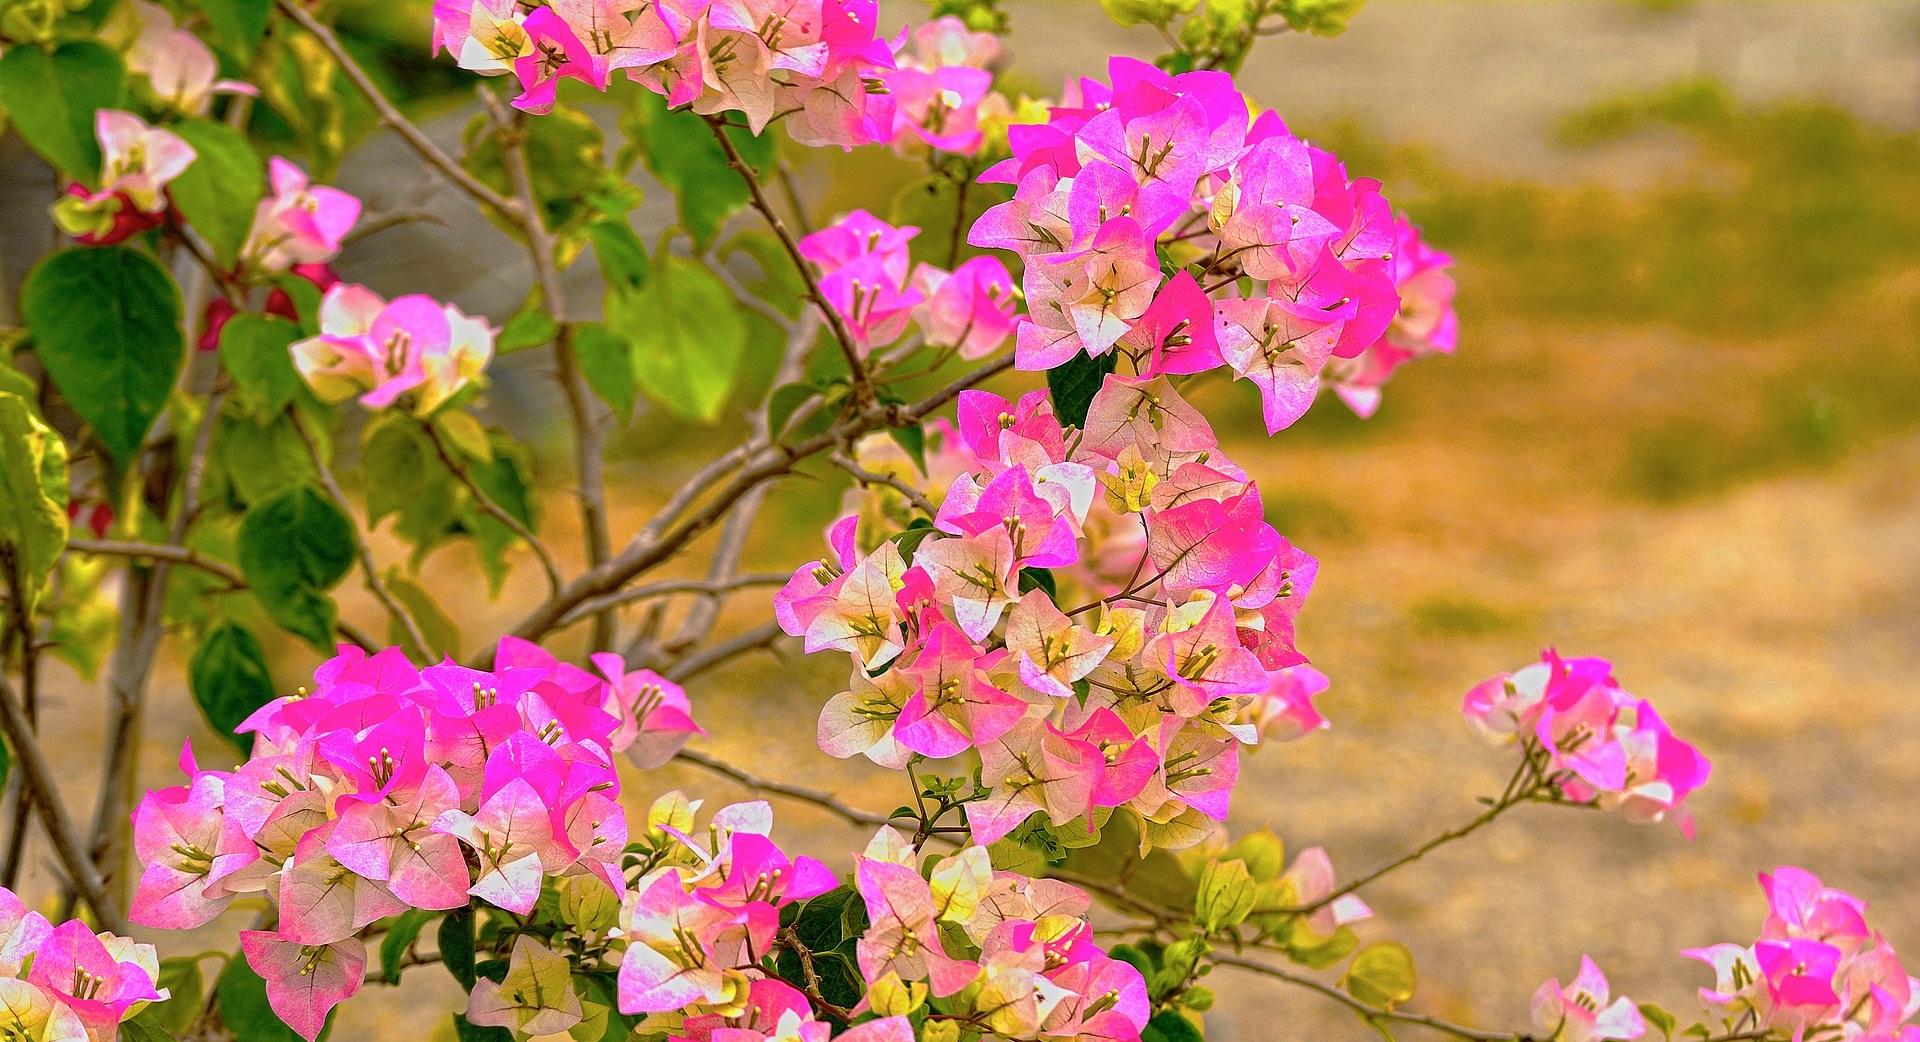 Rosa blommor på buske i naturen.